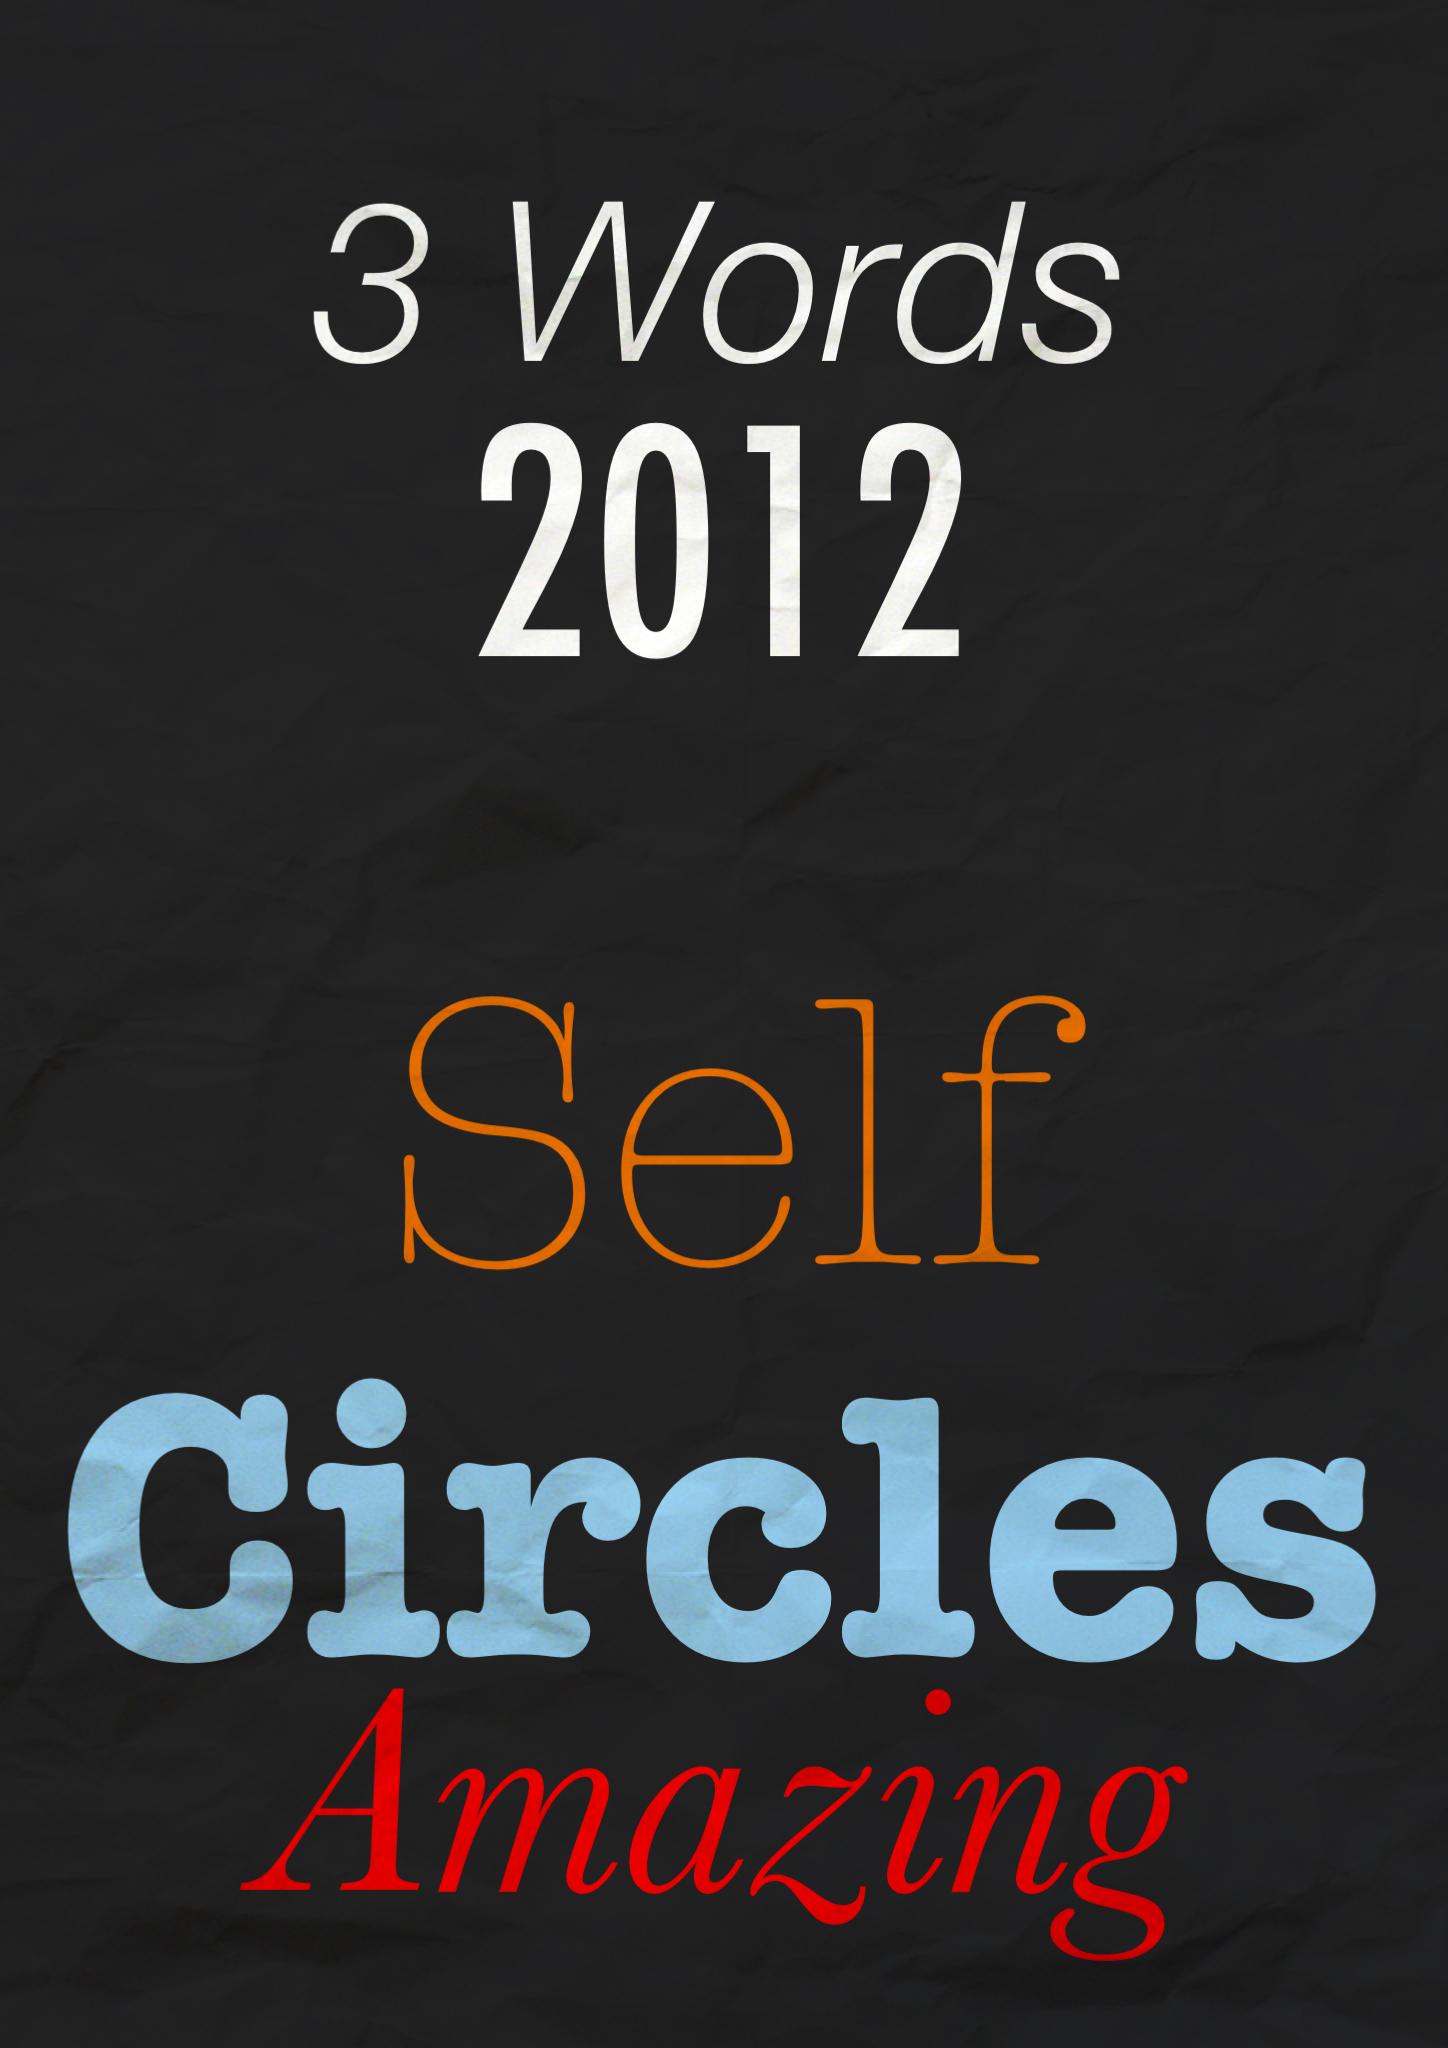 3-Words-2012.jpg